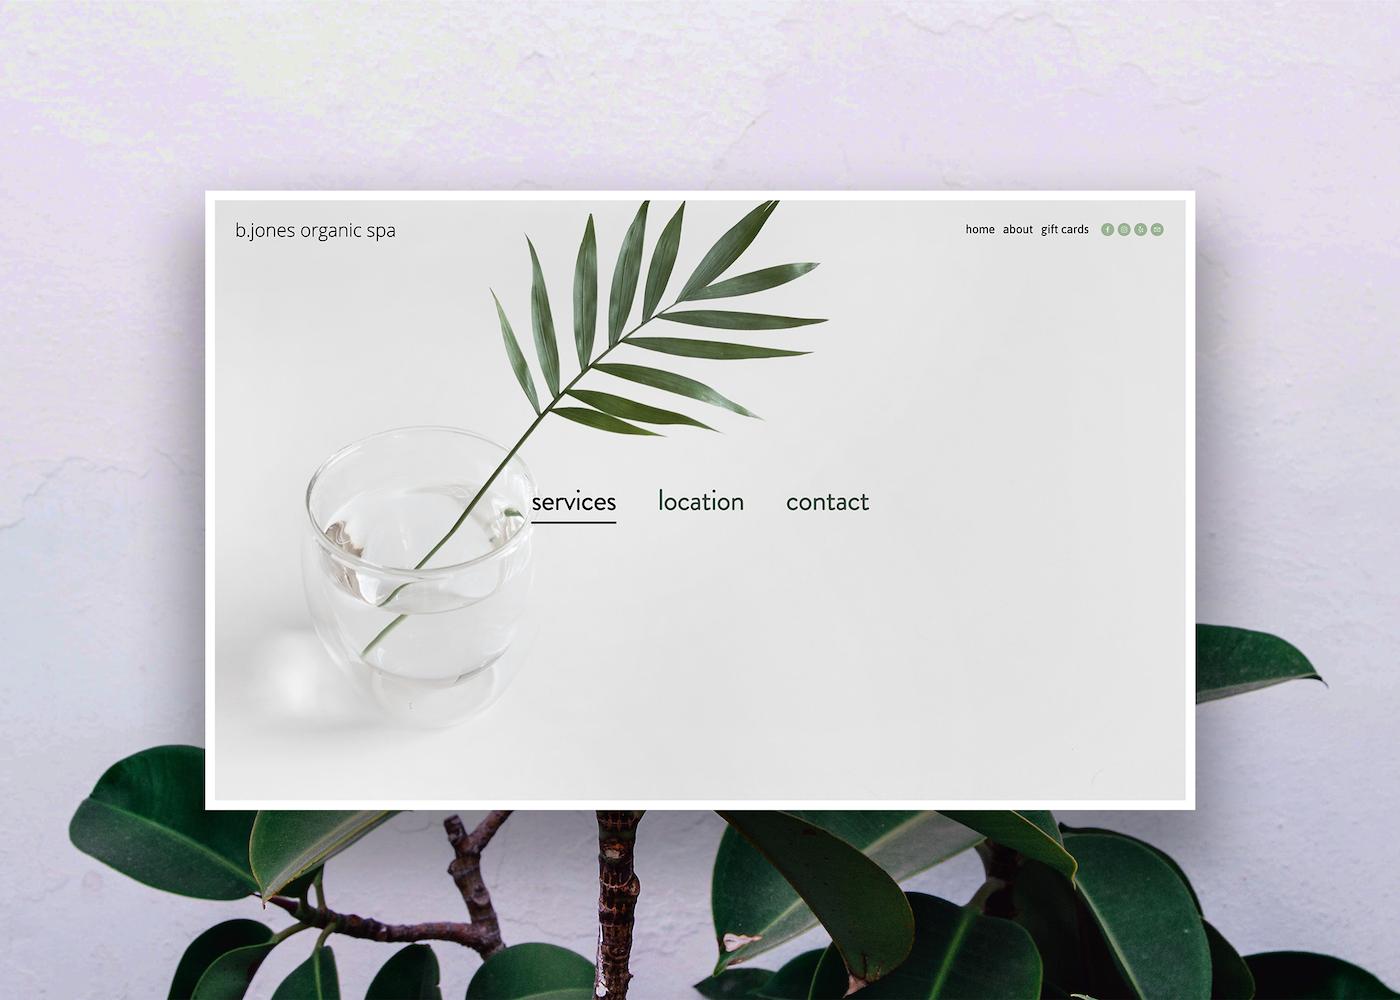 b.Jones Organic Spa - Branding / Web Design / Newsletter / Social Media